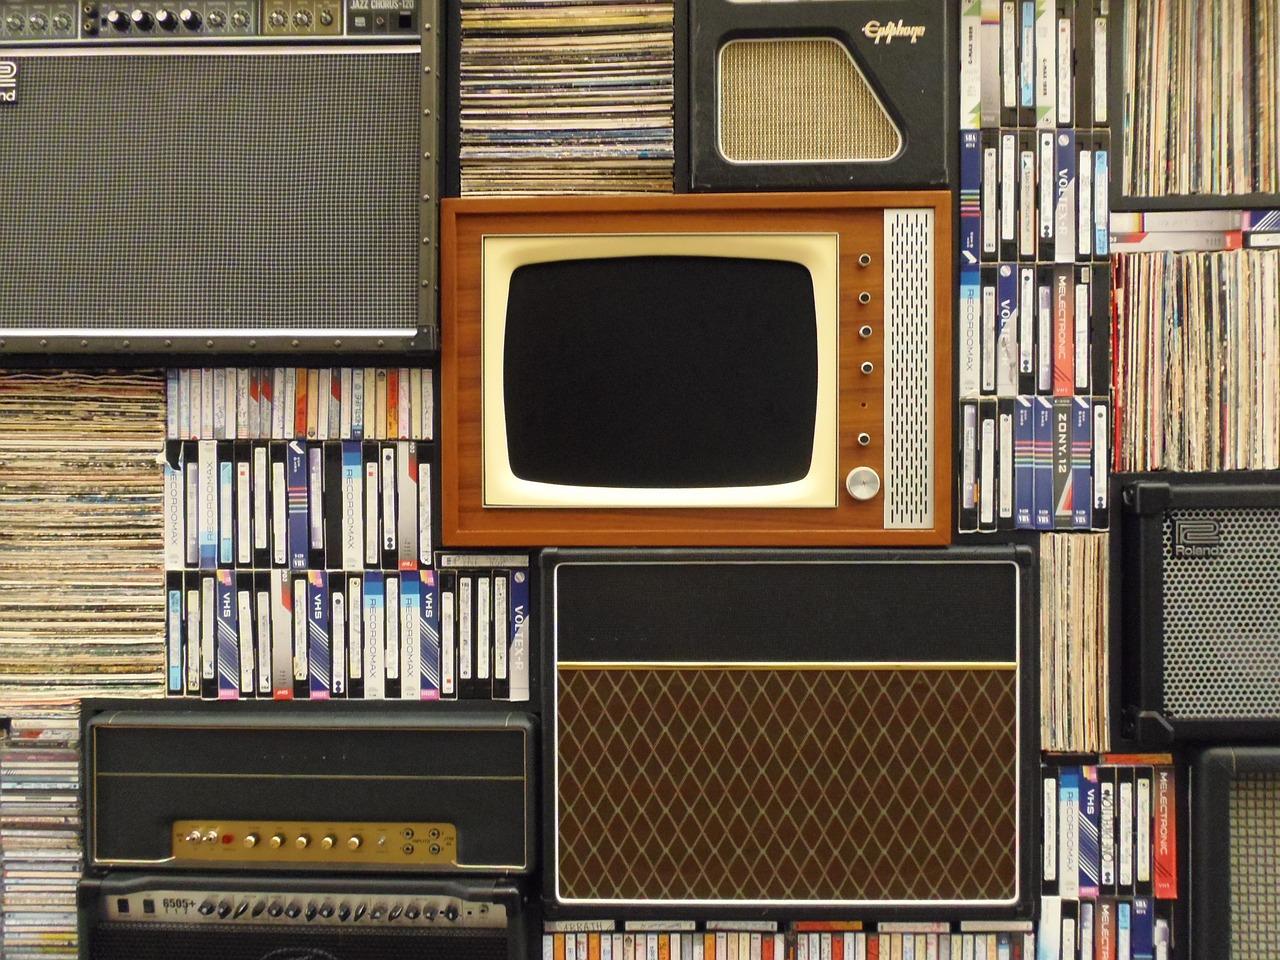 Фильмы, книги, строки